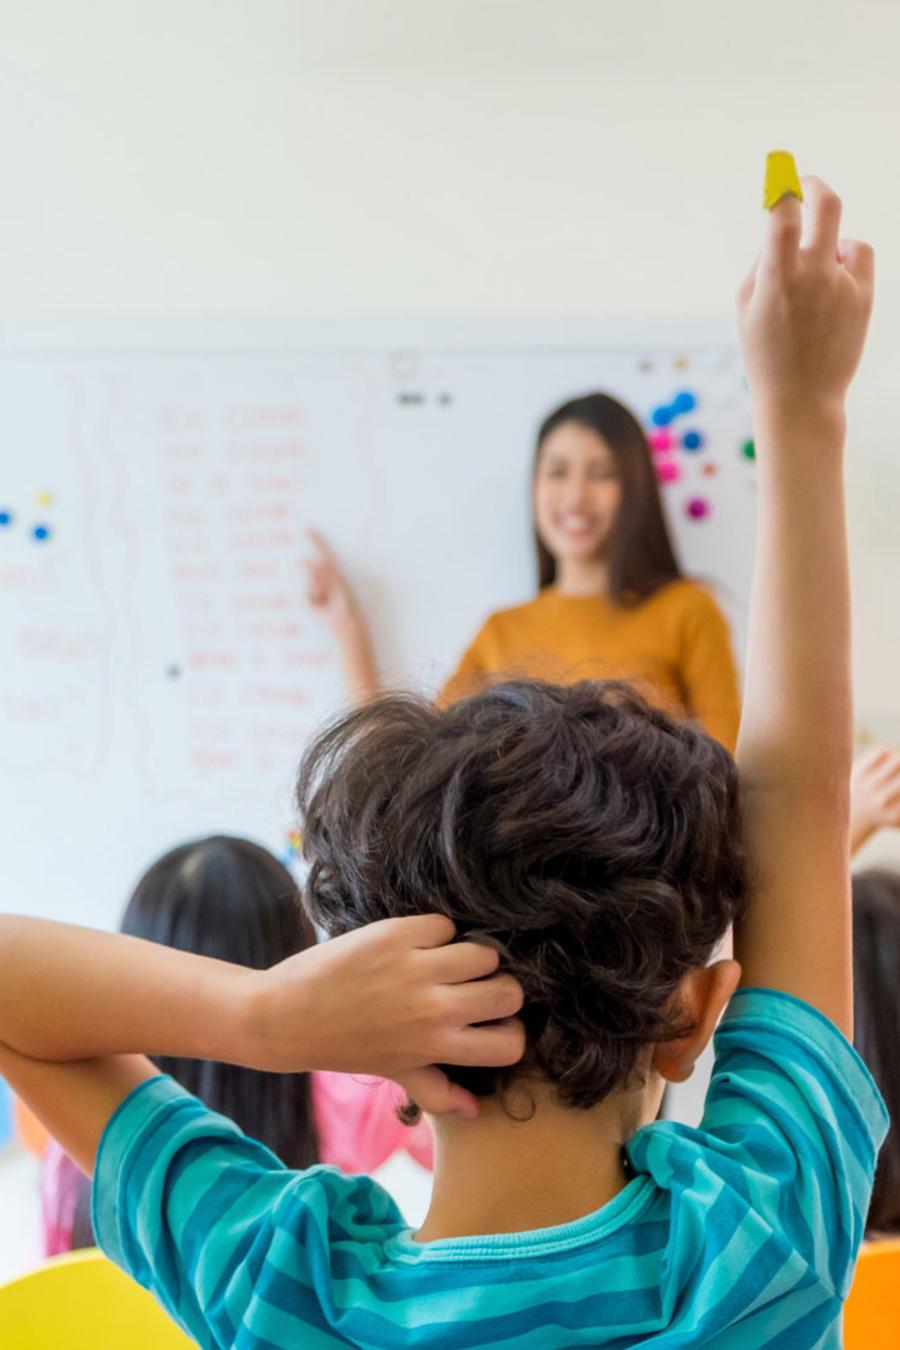 Niños en el aula, levantando la mano